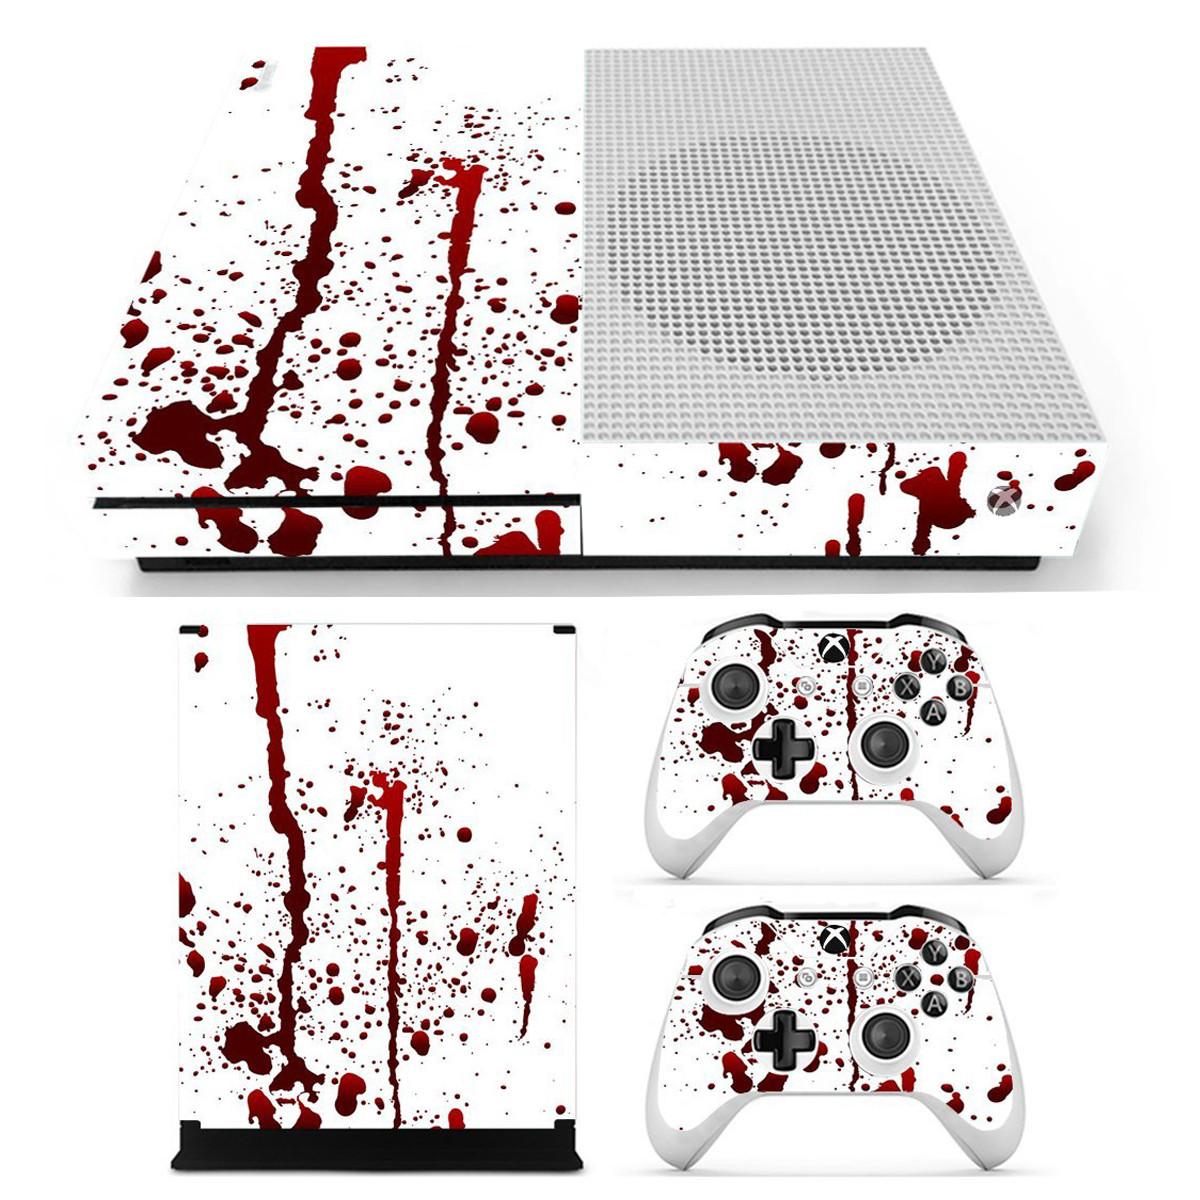 Кровавые наклейки с наклейками наклейки для Xbox One S Игровая консоль и 2 контроллера